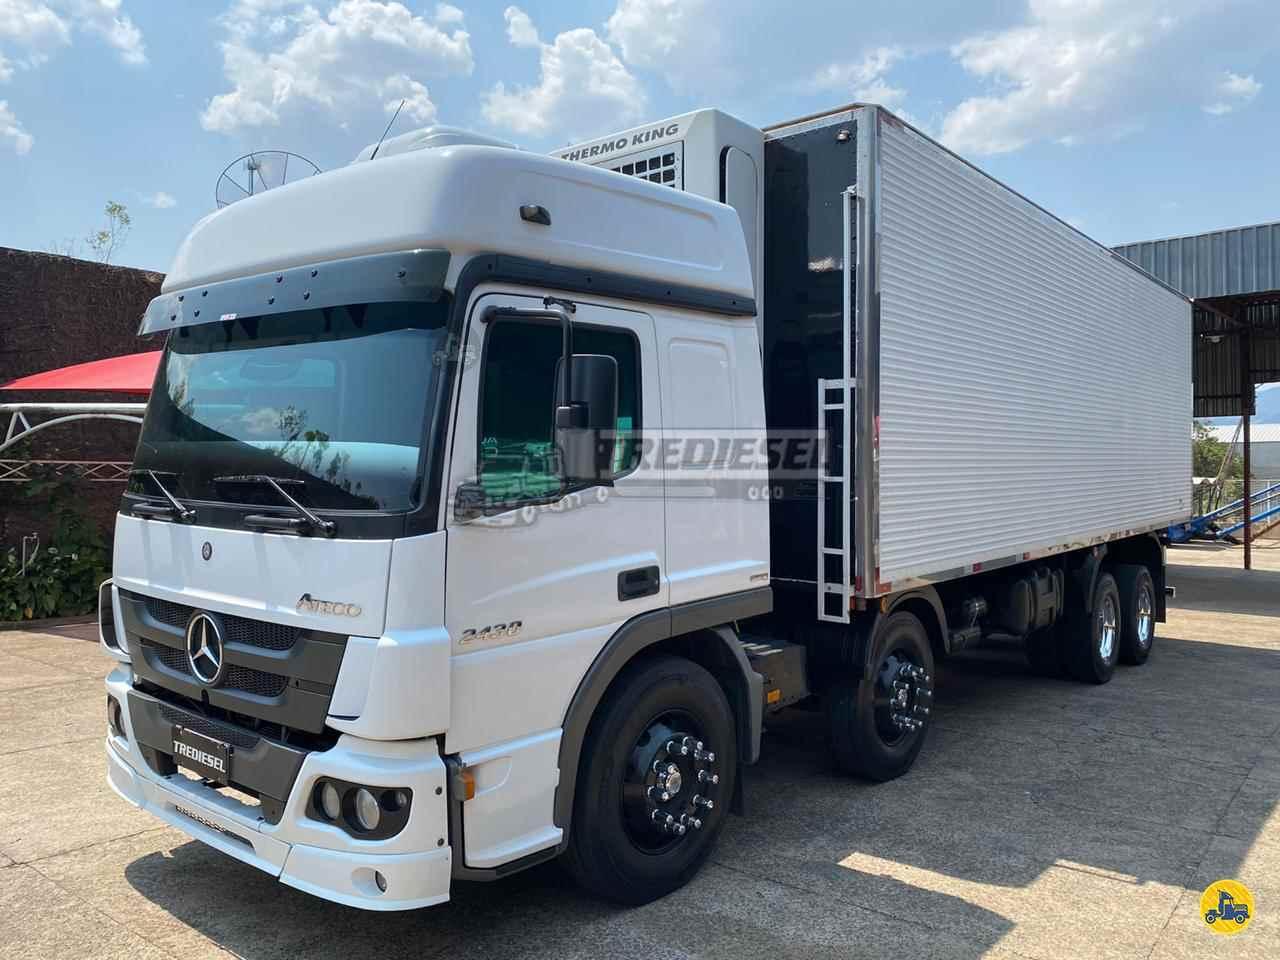 CAMINHAO MERCEDES-BENZ MB 2430 Baú Frigorífico BiTruck 8x2 Trediesel Caminhões ANDRADAS MINAS GERAIS MG